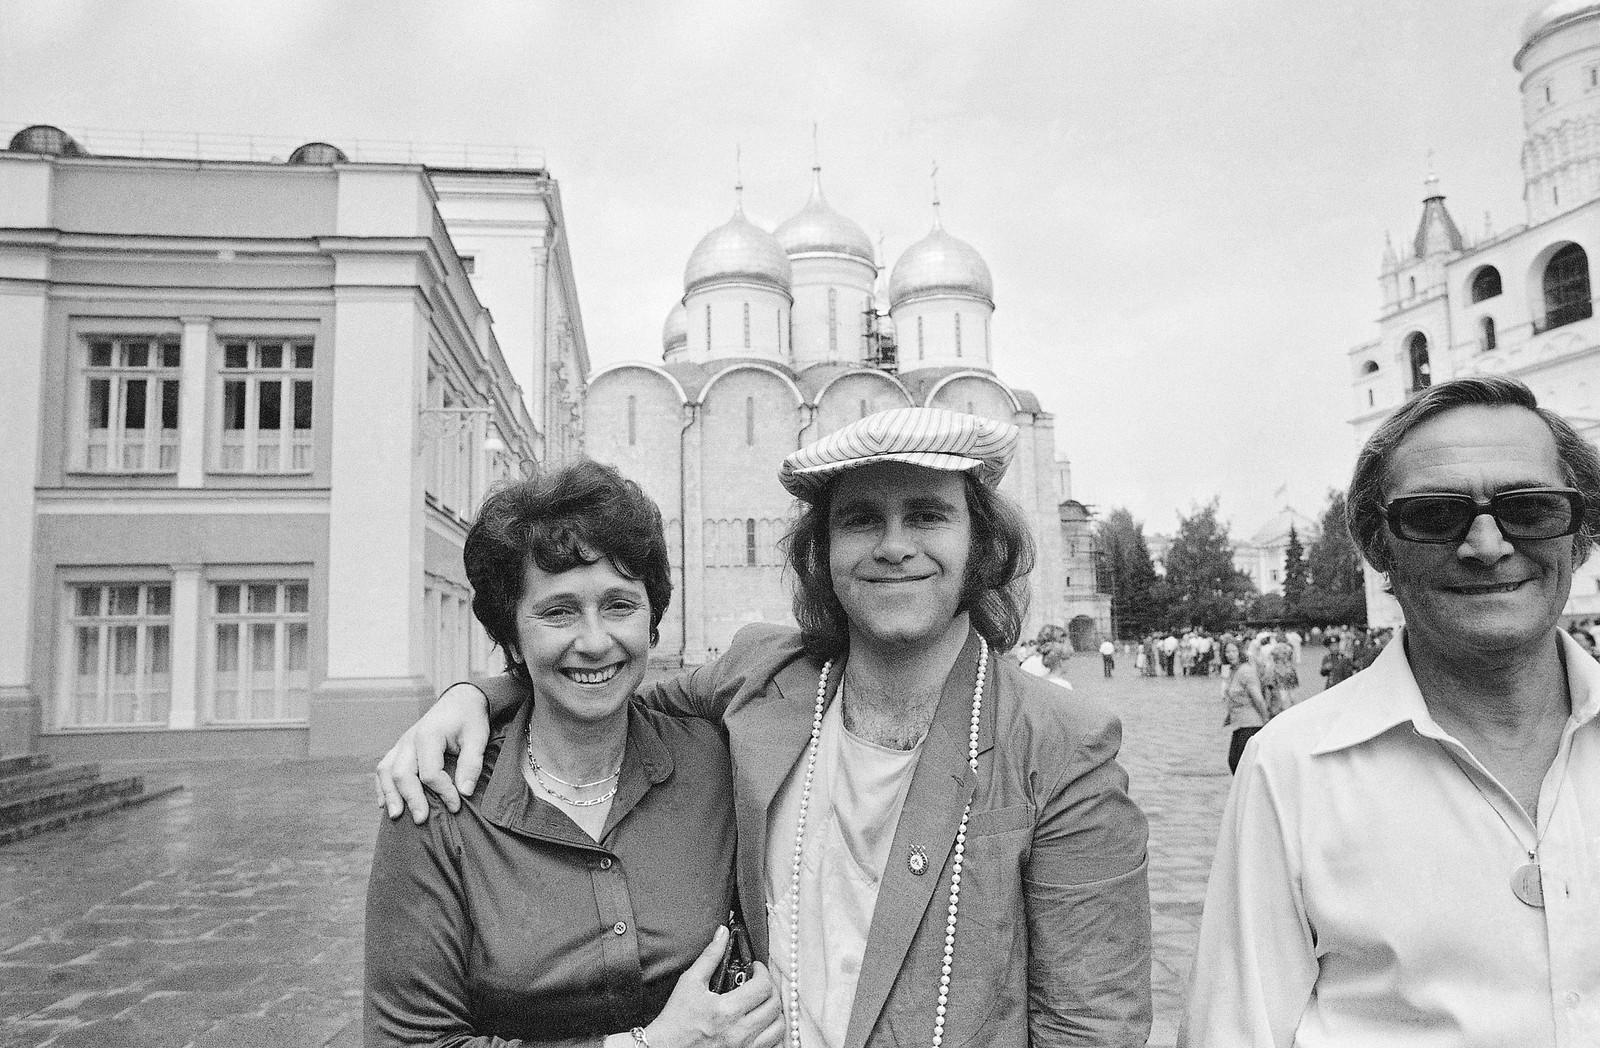 1979: På turné i Sovjetunionen. Her poserer Elton John med mora, Sheila Farebrother i Kreml i Moskva. Mannen til høgre er Elton John sin stefar, Fred Farebrother.